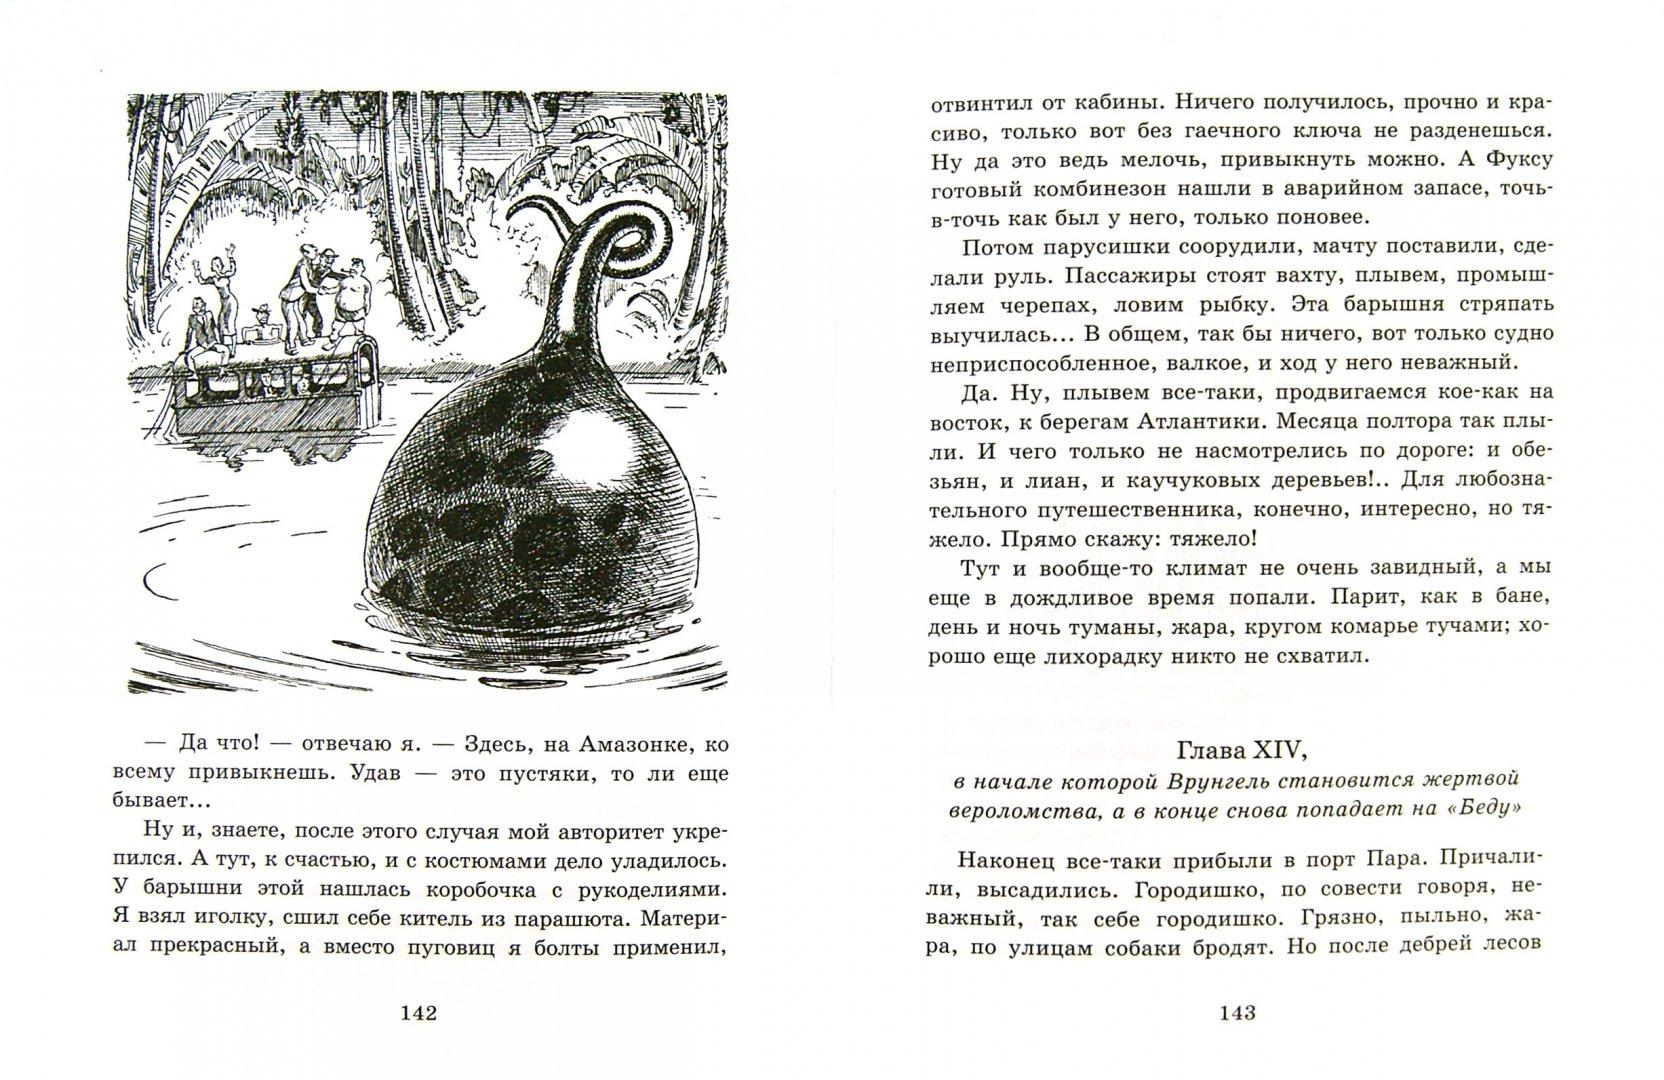 Иллюстрация 1 из 31 для Приключения капитана Врунгеля - Андрей Некрасов | Лабиринт - книги. Источник: Лабиринт